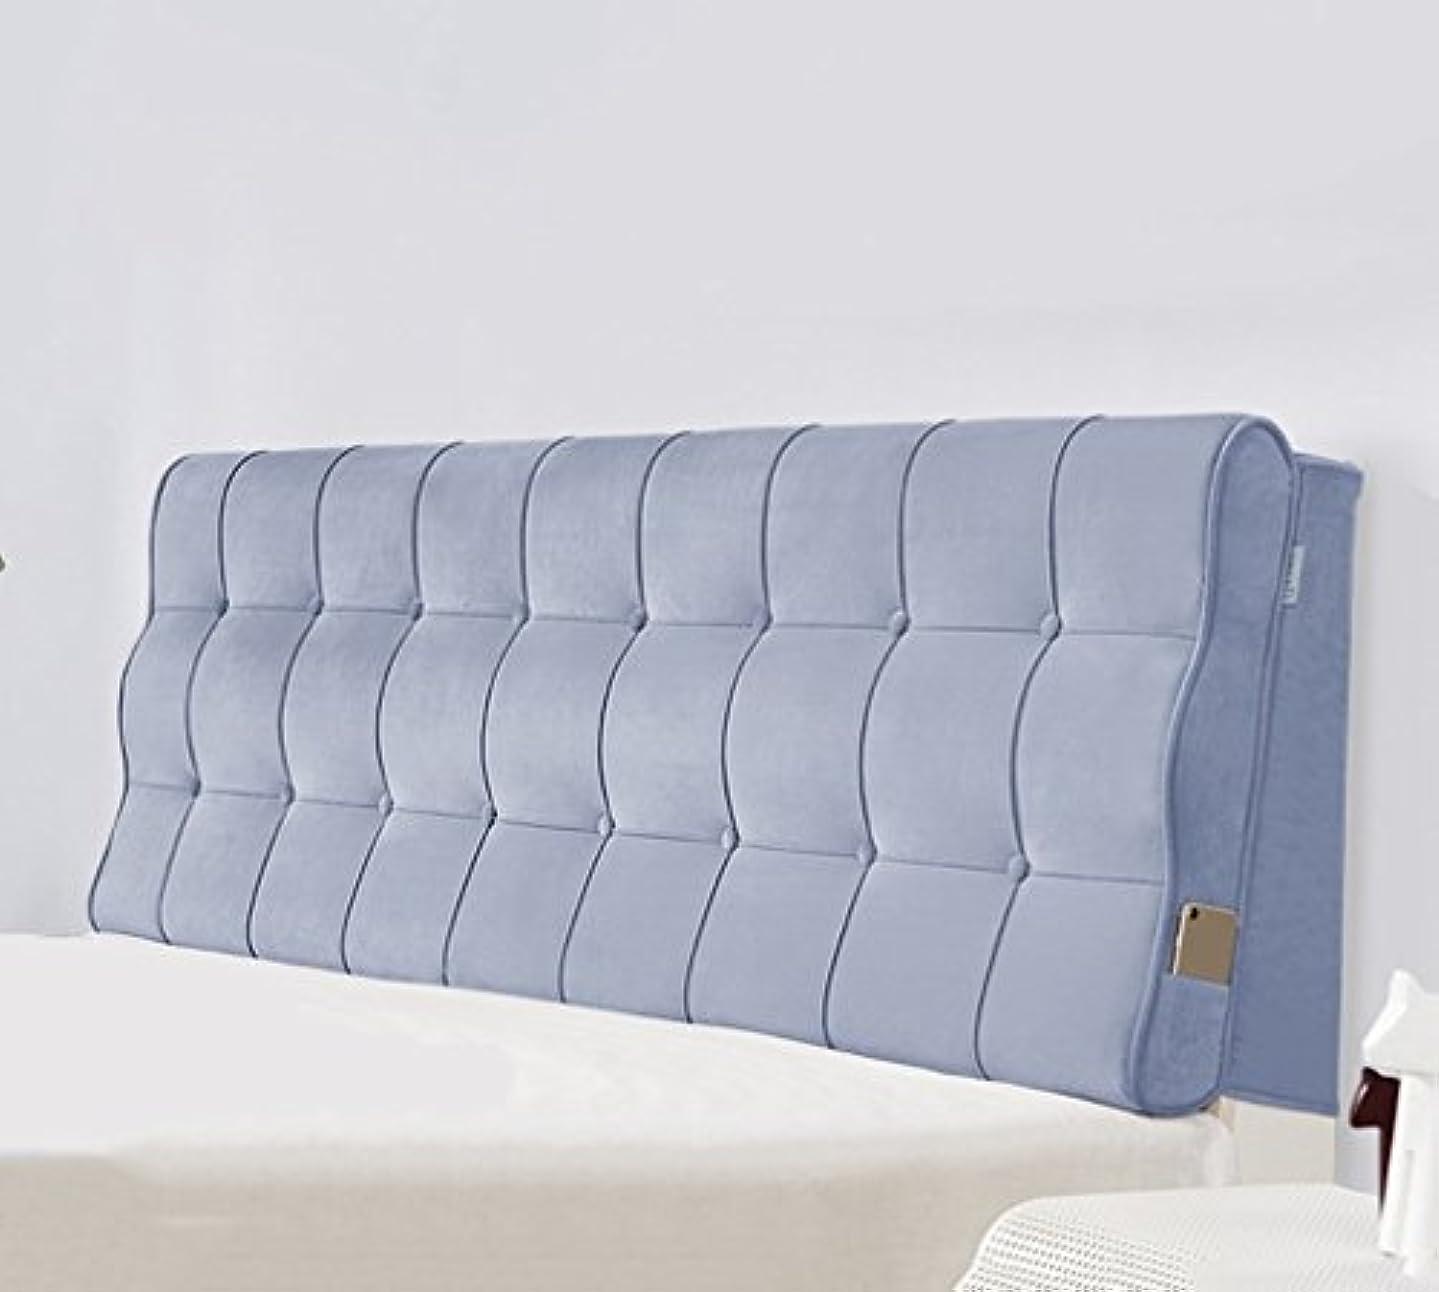 悲しい寝るモート31-luoshangqing 腰椎サポートパッド取り外し可能なベッドサイドダブルベッド寝室の背部腰椎サイズオプションのクッション枕クッション (Color : C)